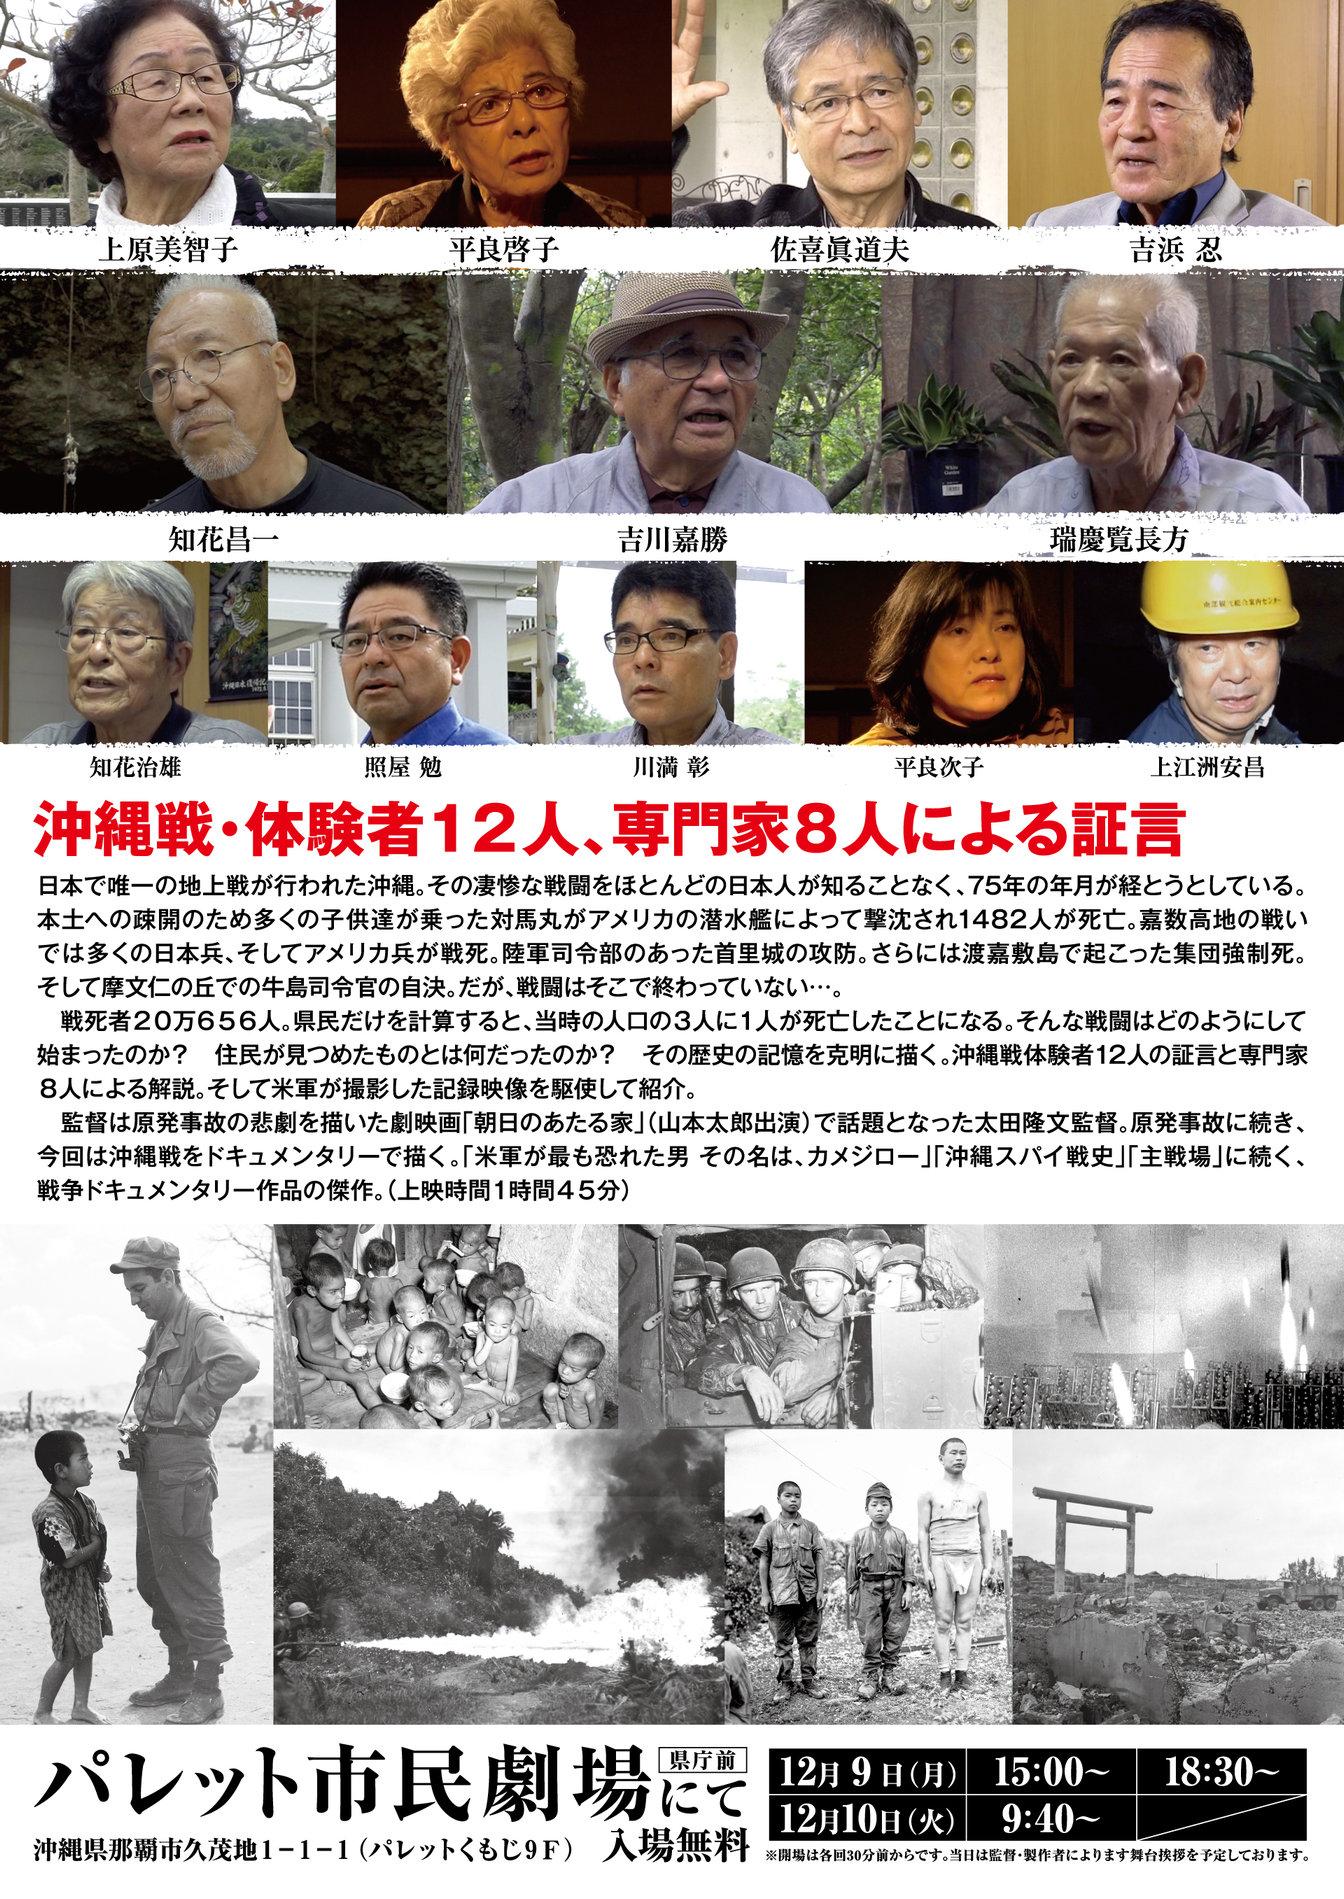 ドキュメント沖縄戦ー知られざる悲しみの記憶b[1]